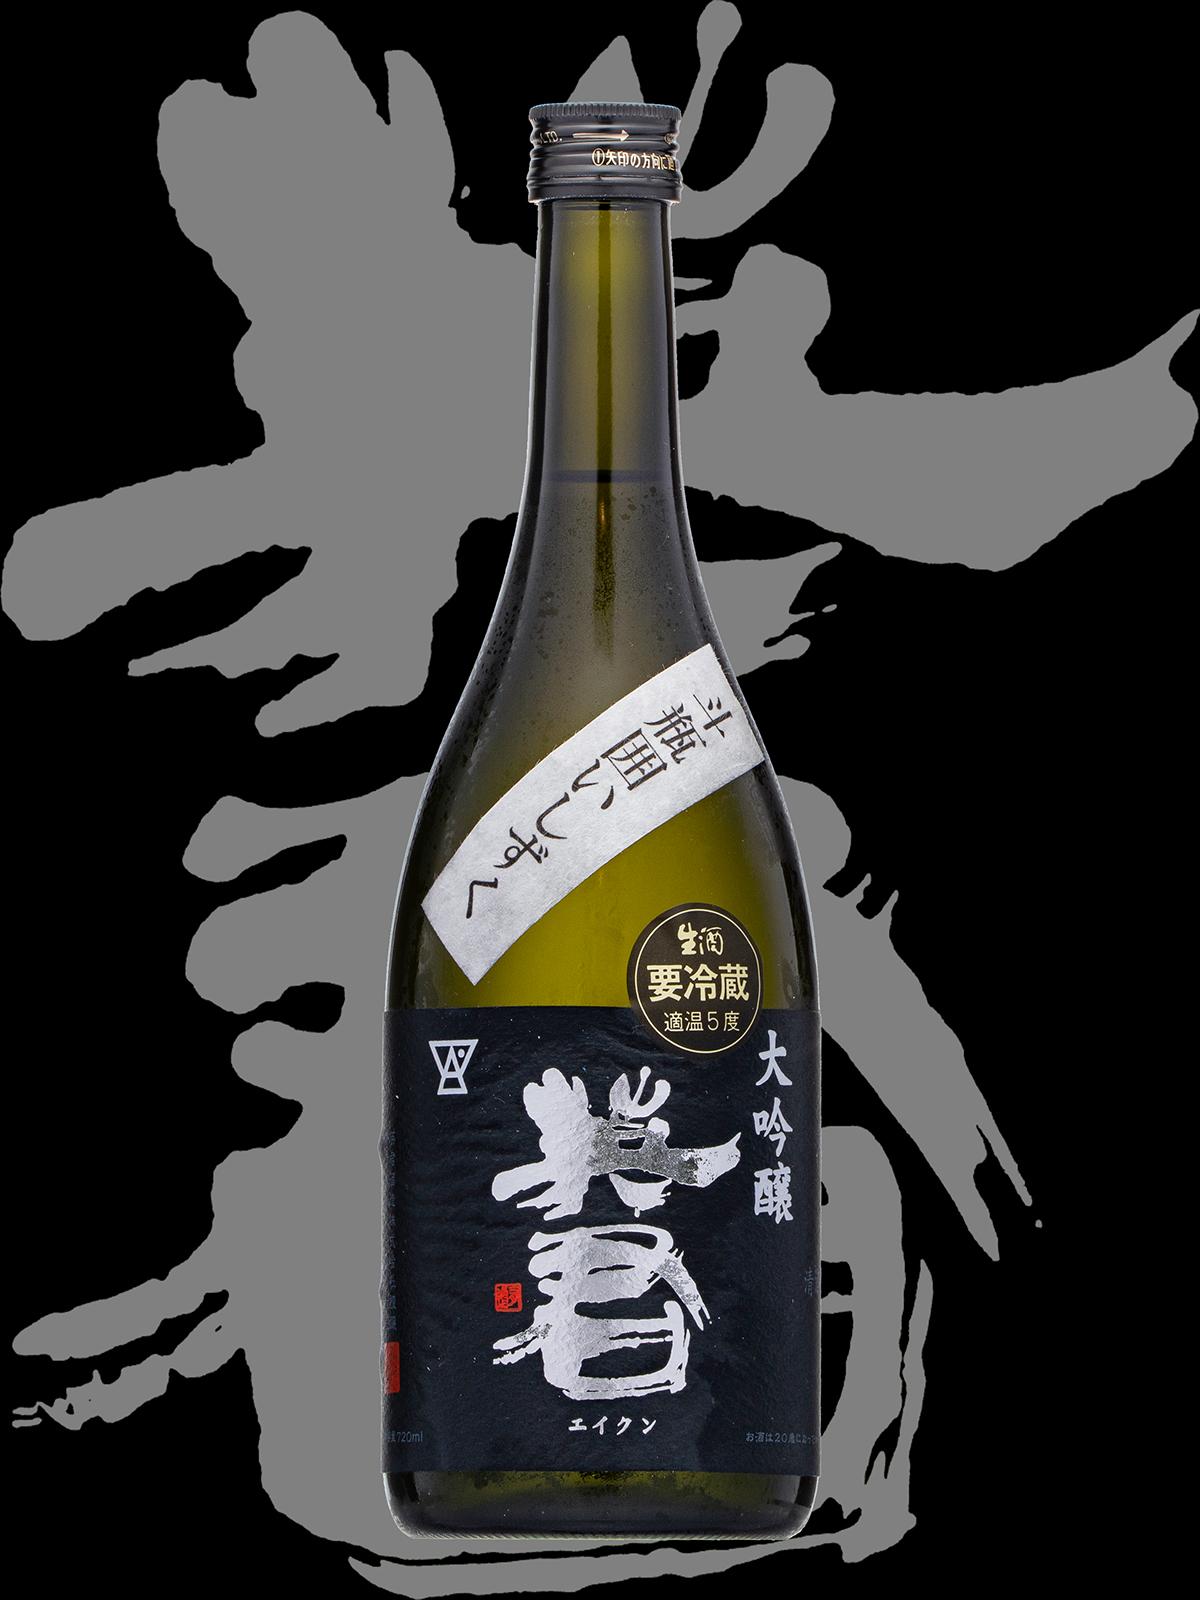 英君(えいくん)「大吟醸」全国鑑評会出品酒H30BY